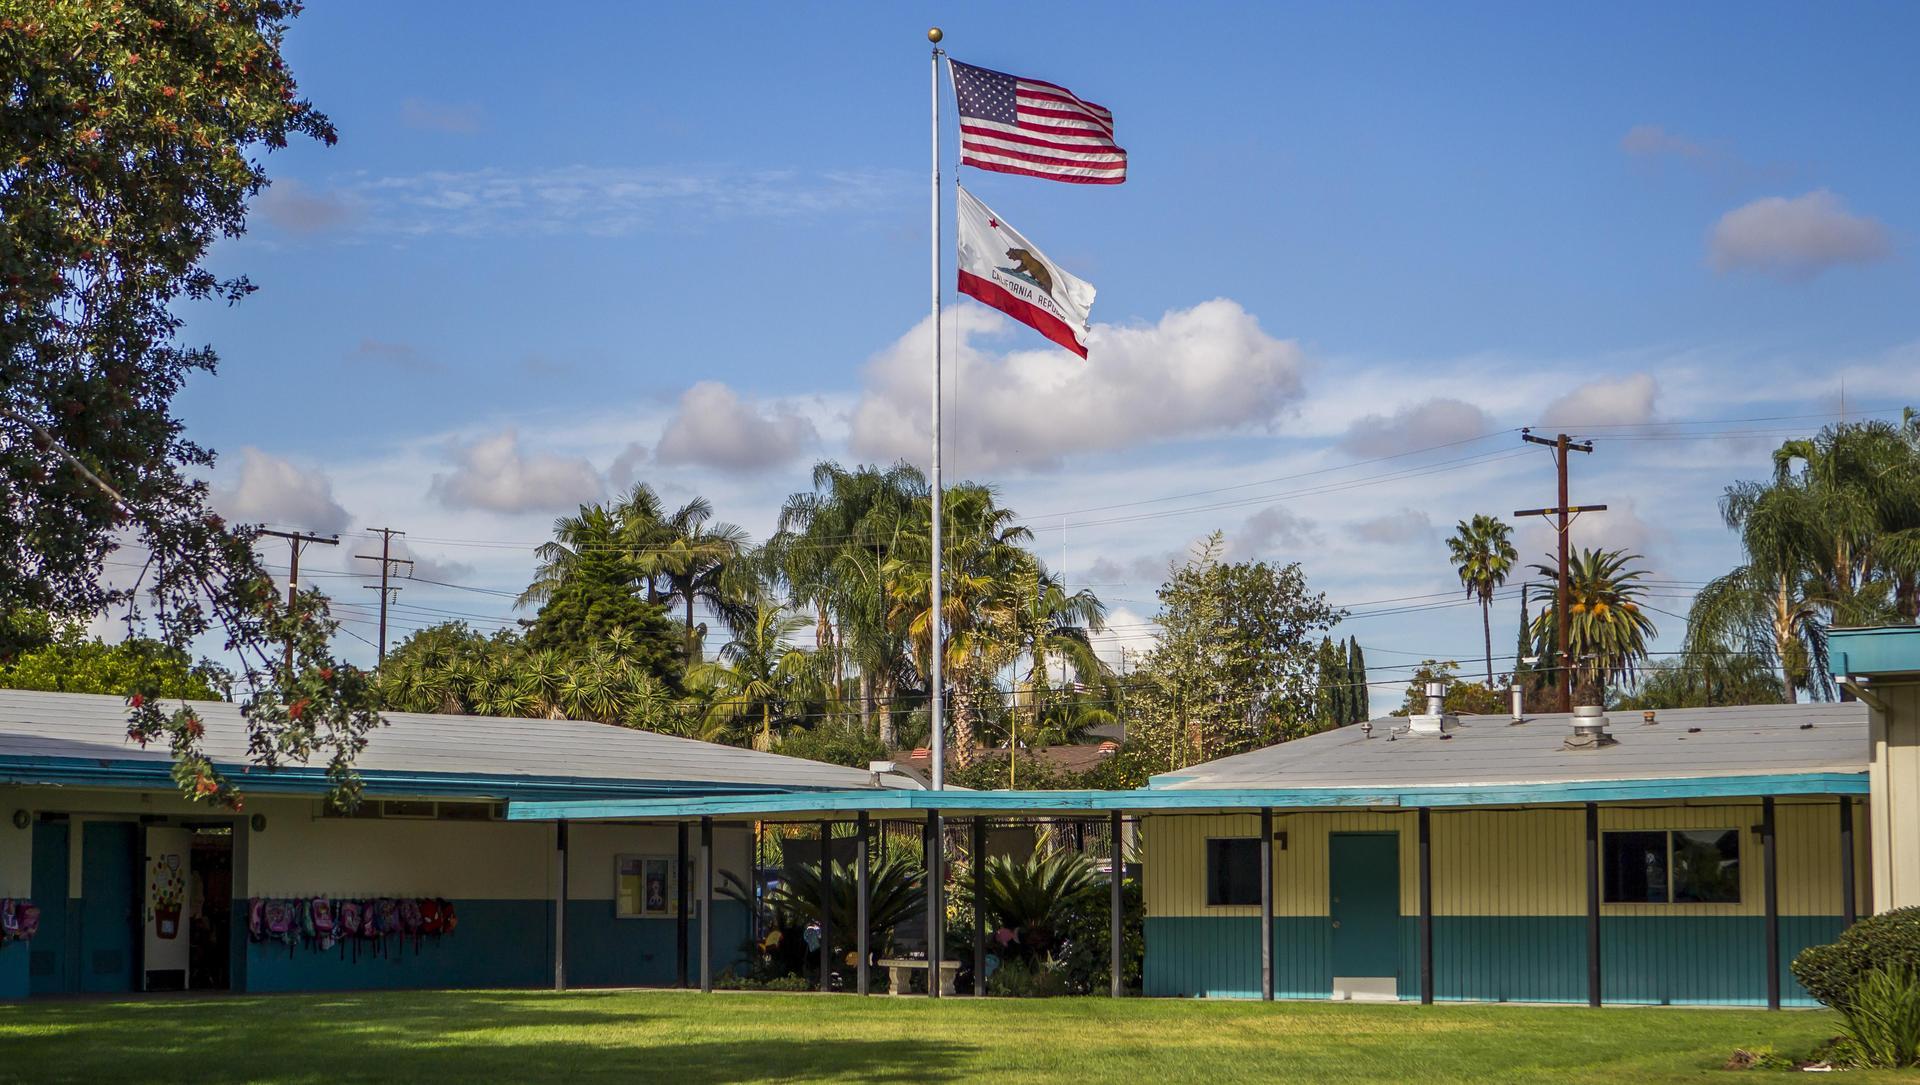 El Portal Elementary School